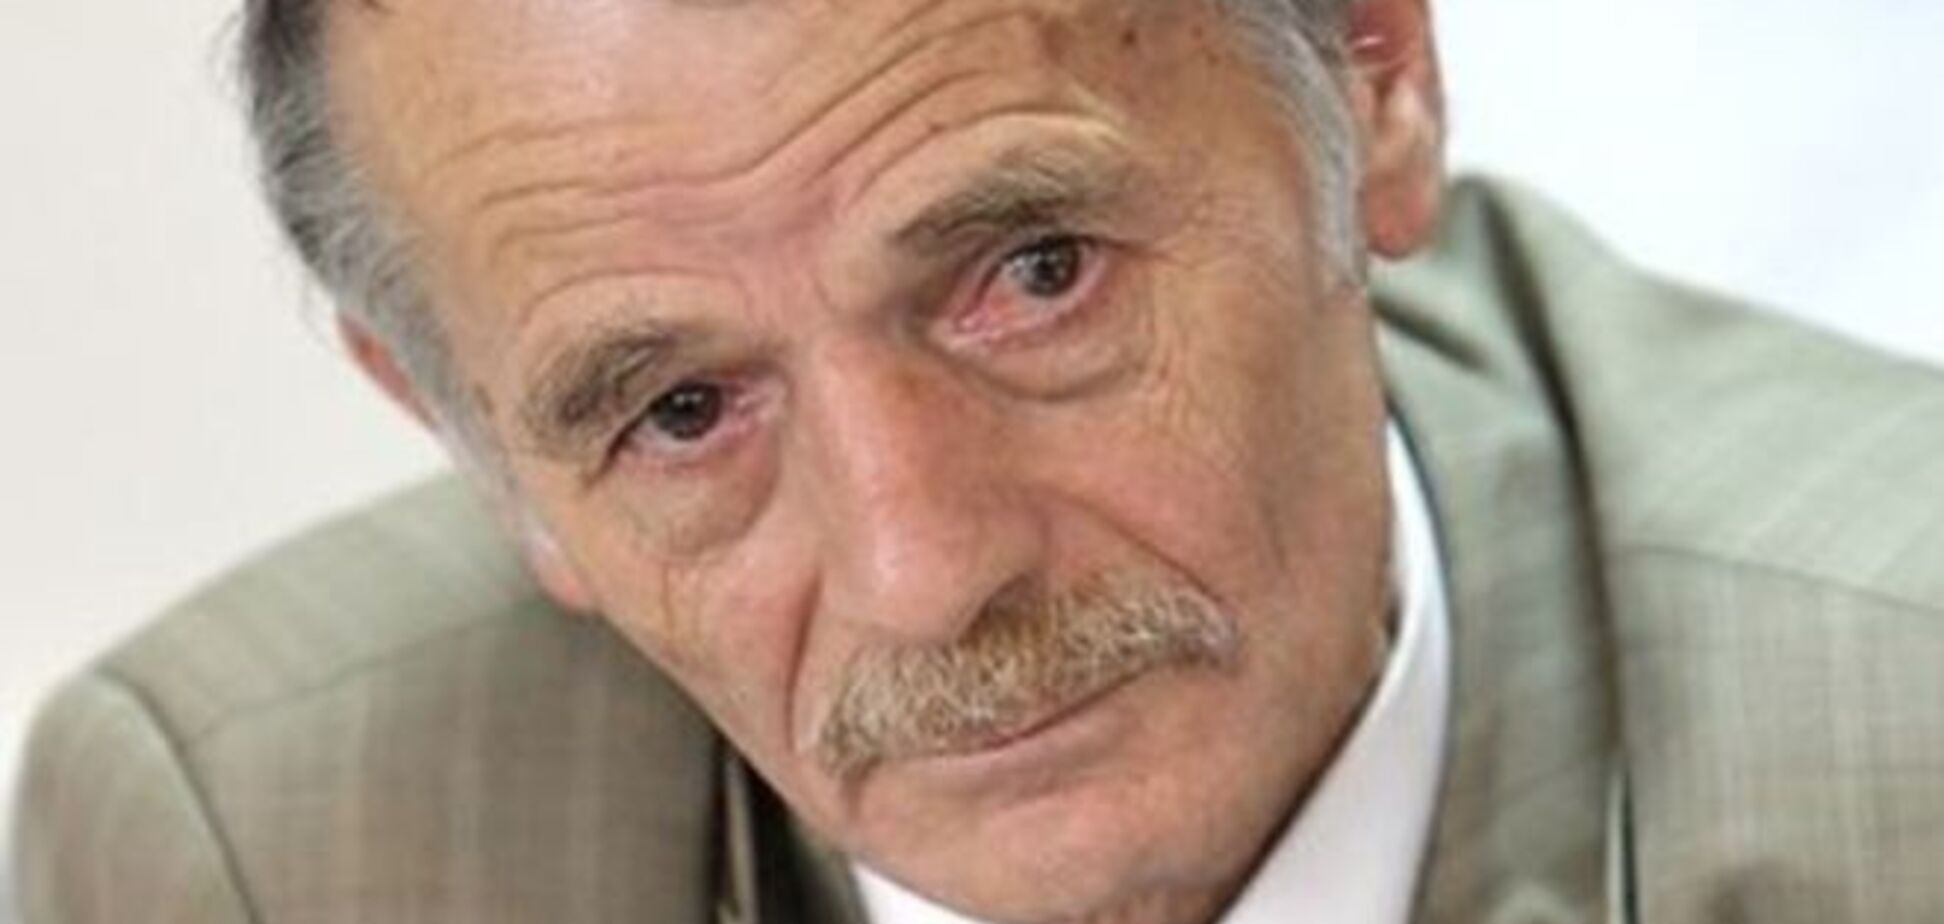 Украинцы в Крыму готовы страдать, лишь бы поставки продуктов на полуостров прекратились - Джемилев